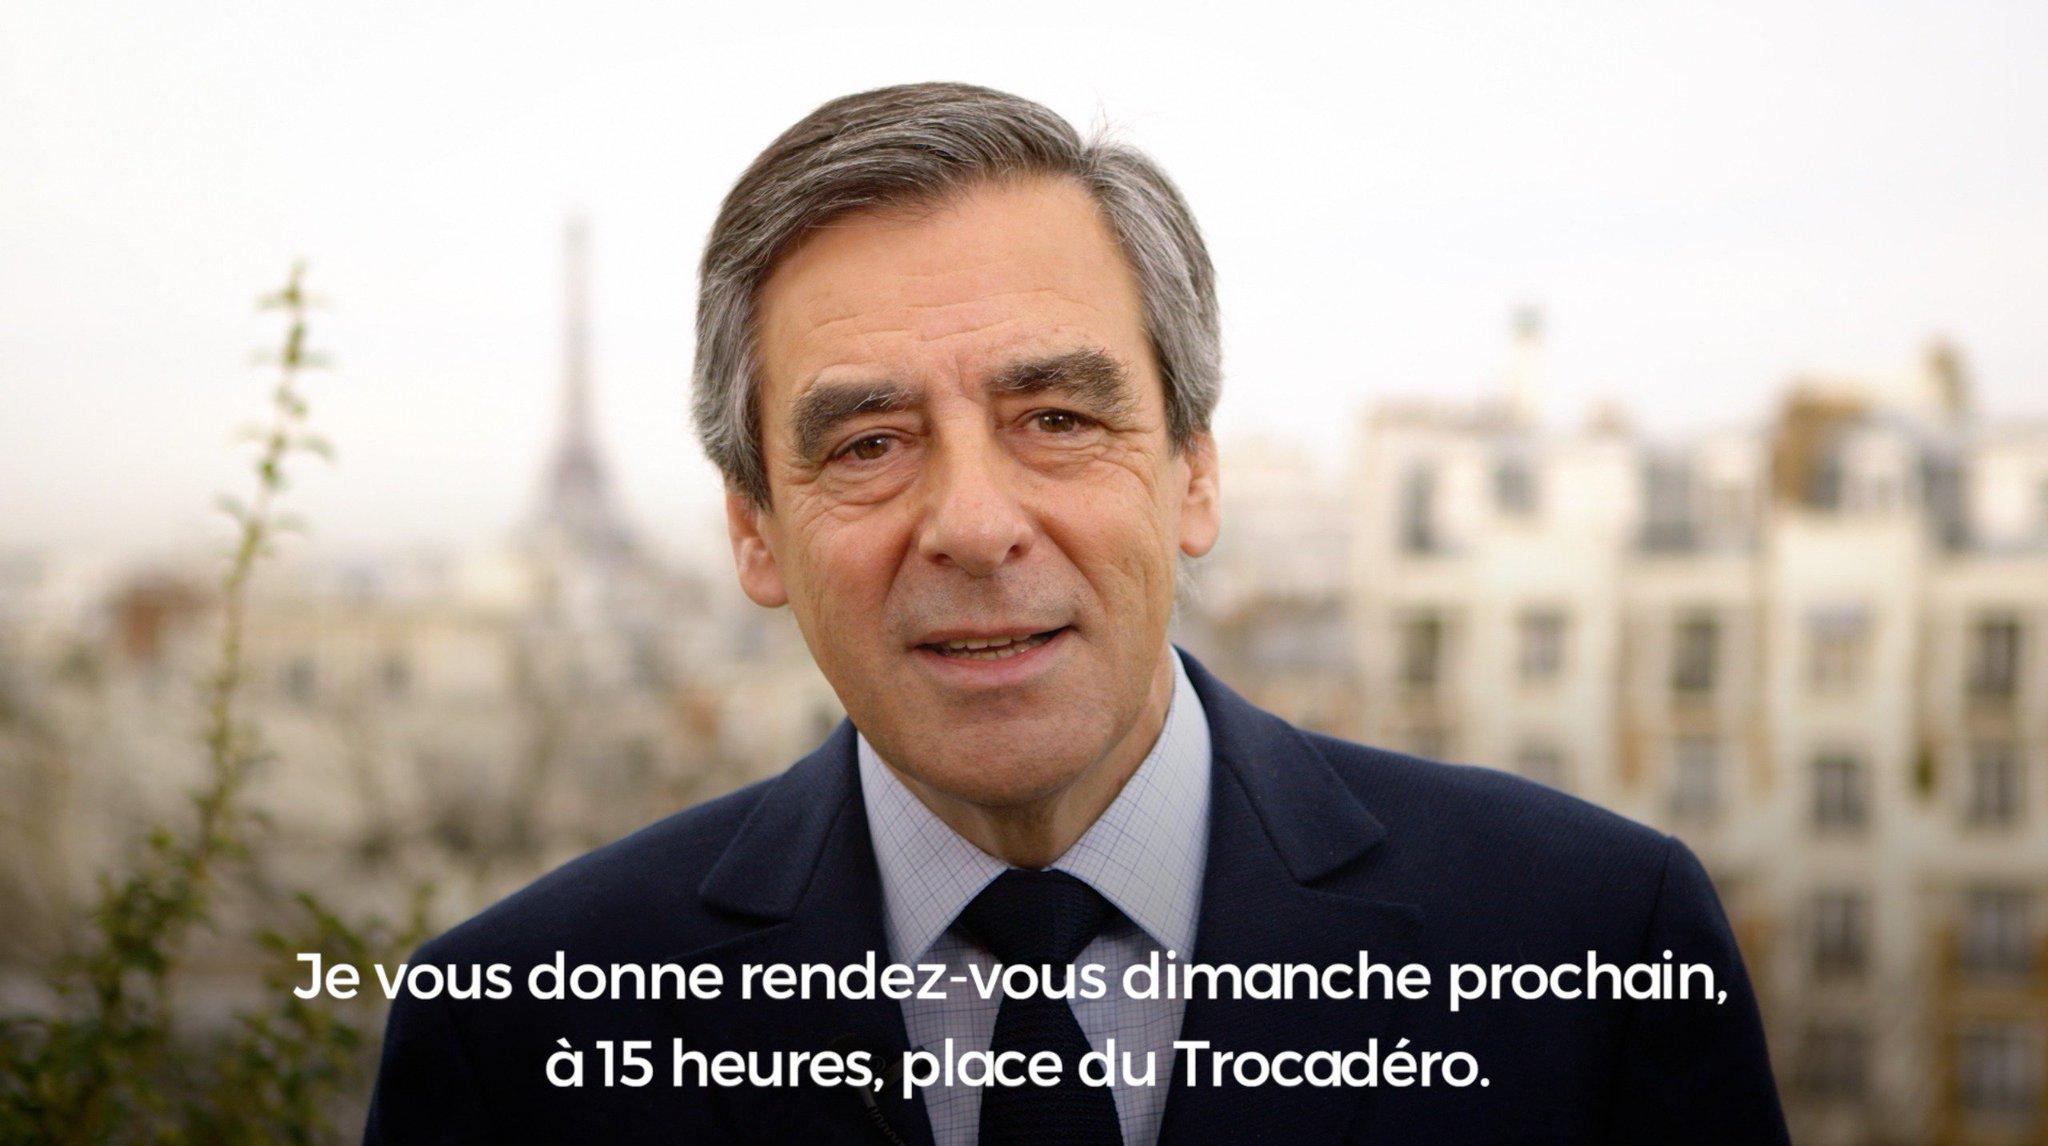 François Fillon s'adresse à vous avant le rassemblement dimanche au Trocadéro #TouchePasÀMonVote https://t.co/bhpOvuqd8x